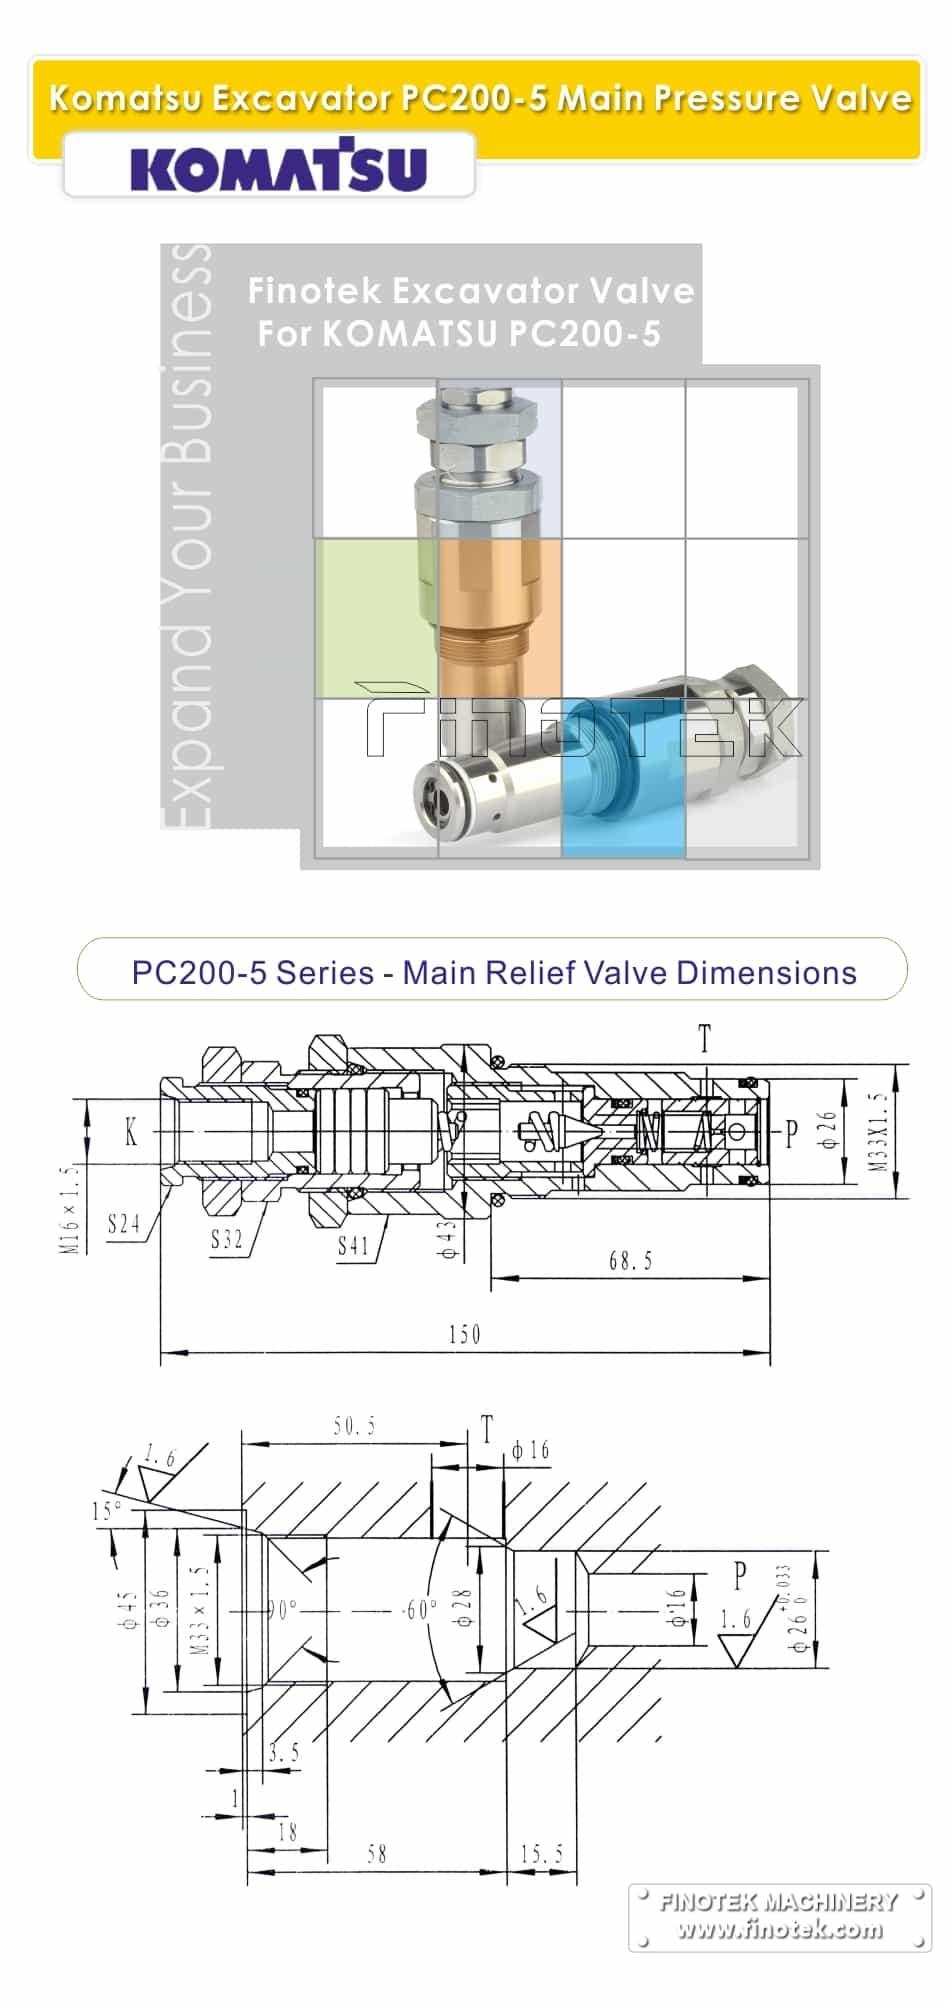 Komatsu PC200-5 Excavator Pressure Relief Control balbula Dimensions